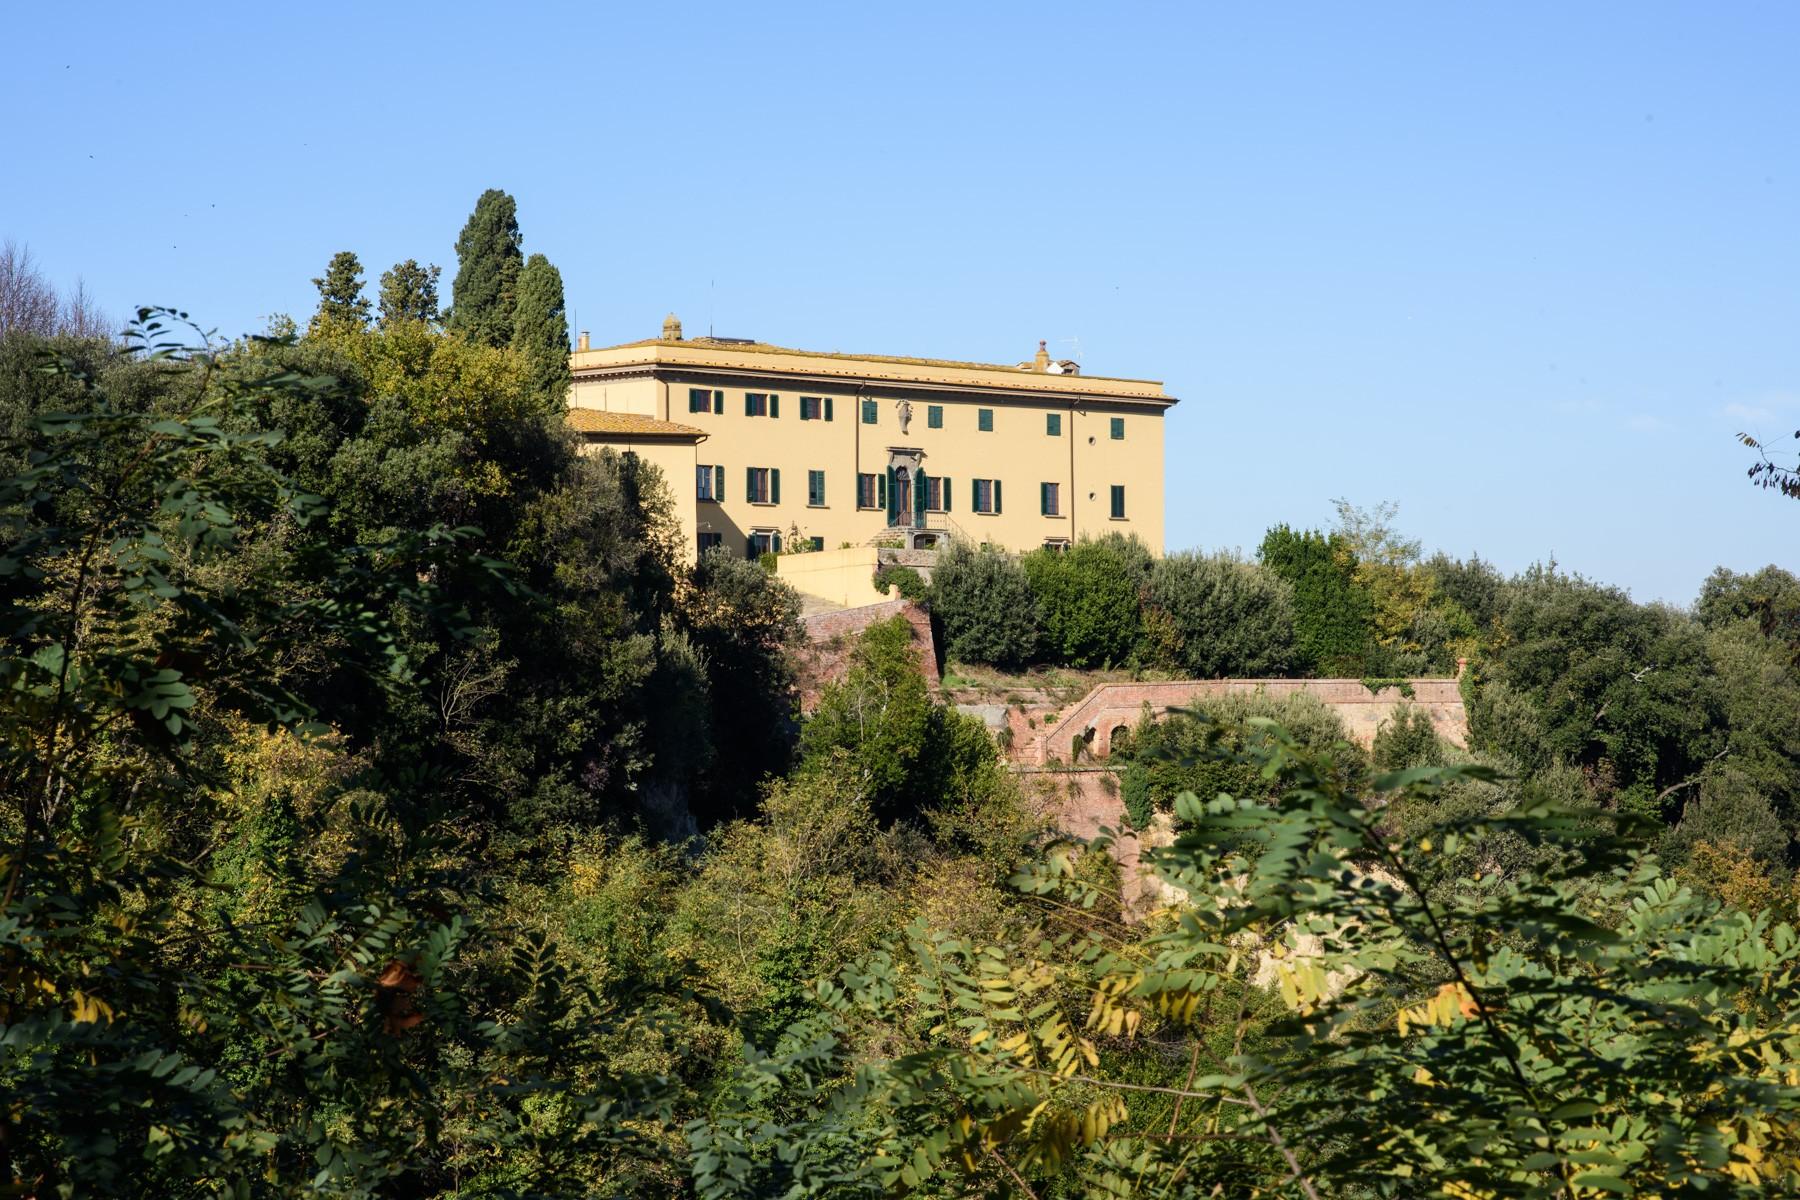 Villa in Vendita a Montaione: 5 locali, 15655 mq - Foto 2